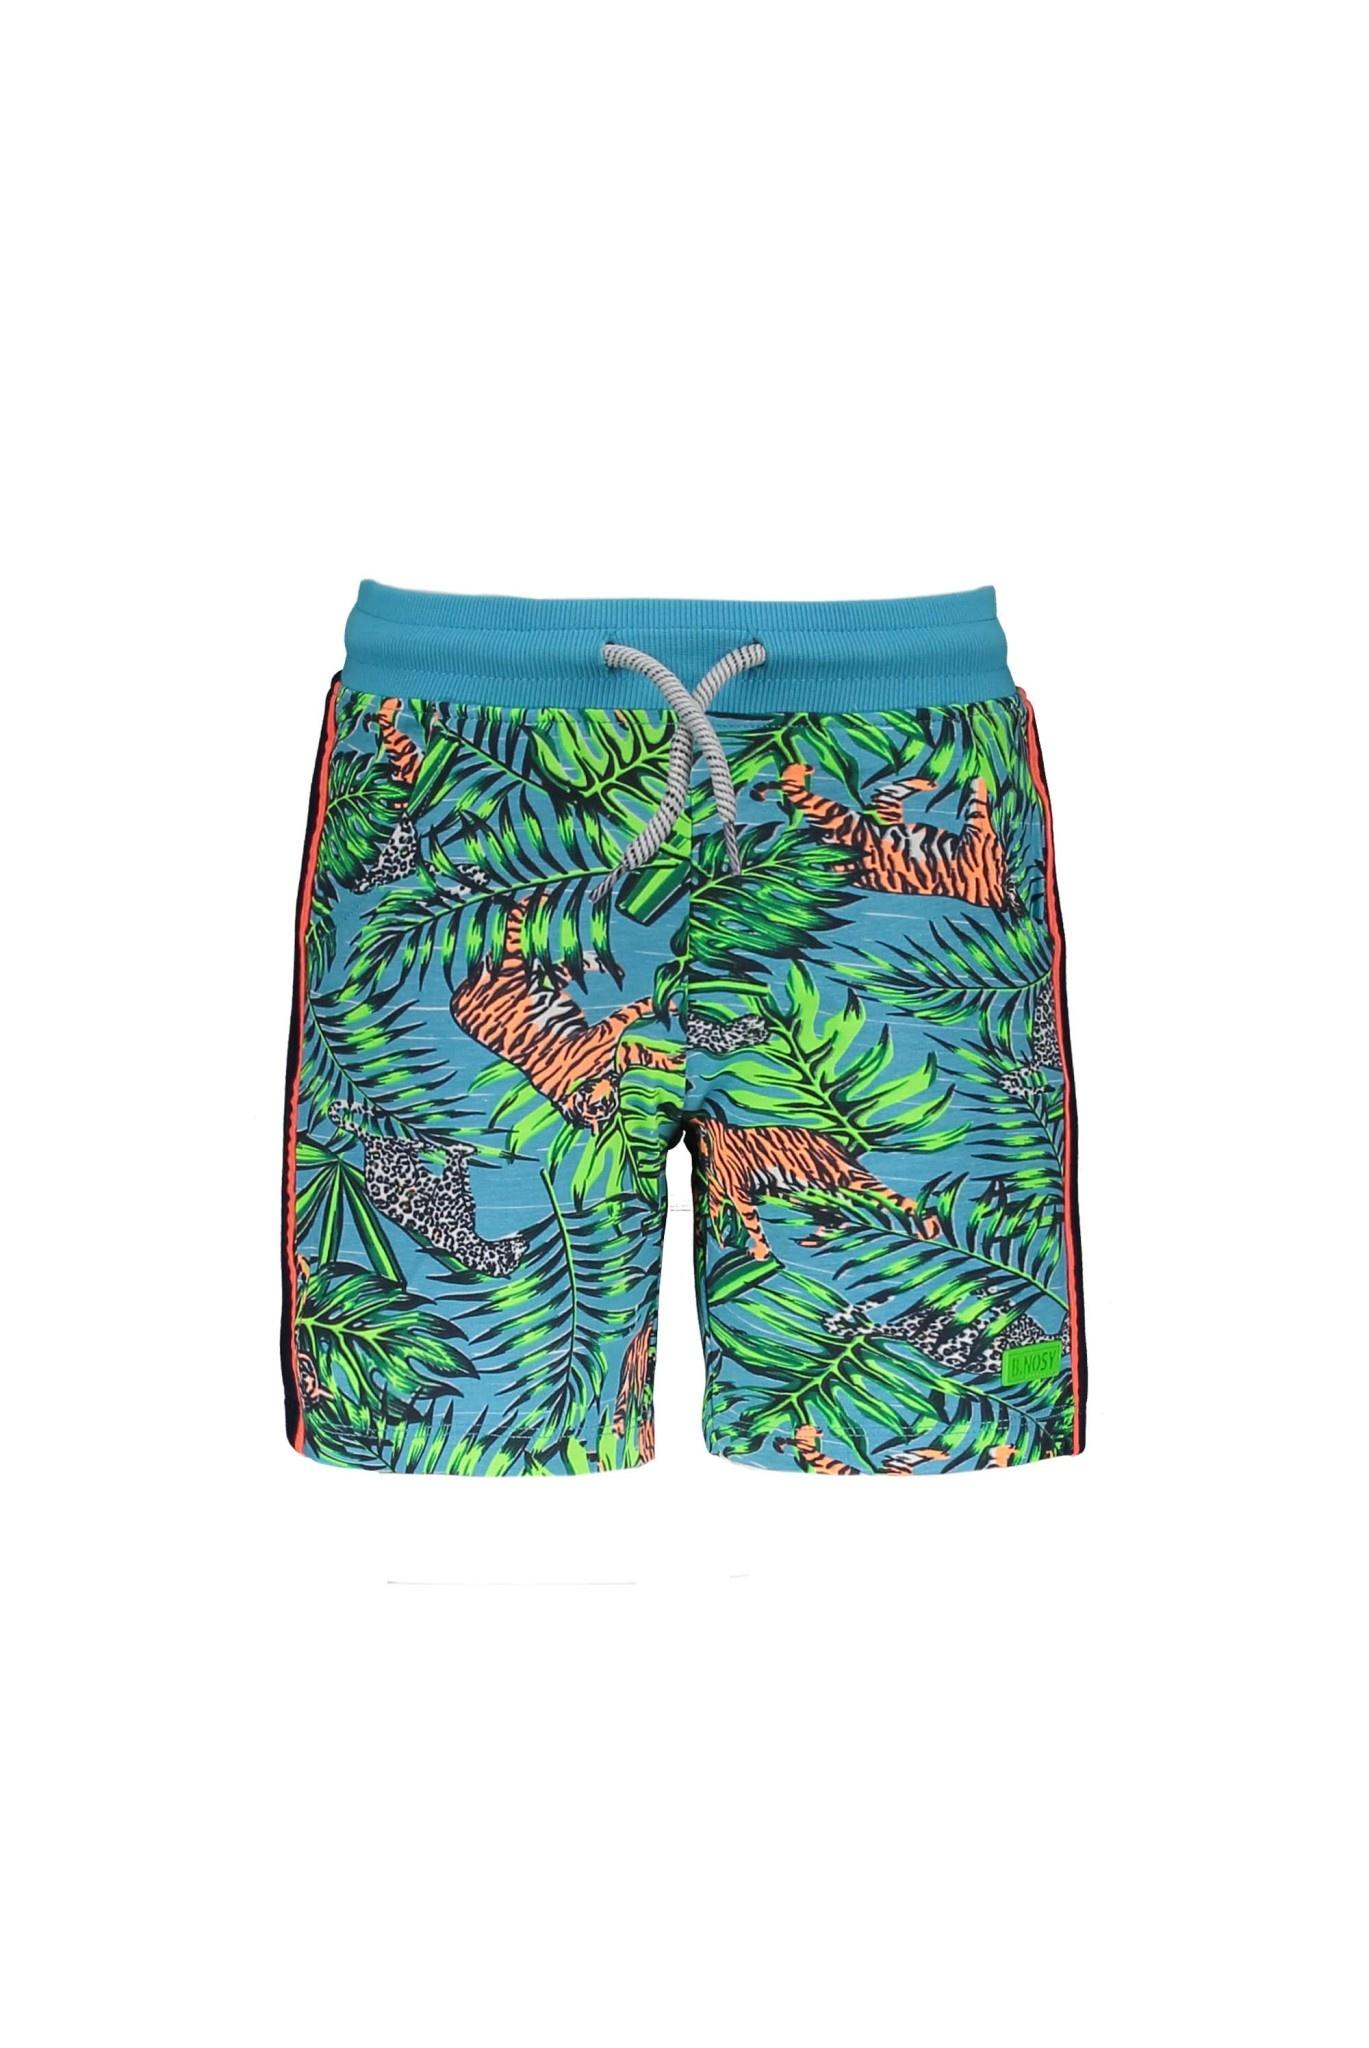 B.Nosy Jongens Short Met Jungleprint Y003-6622-1